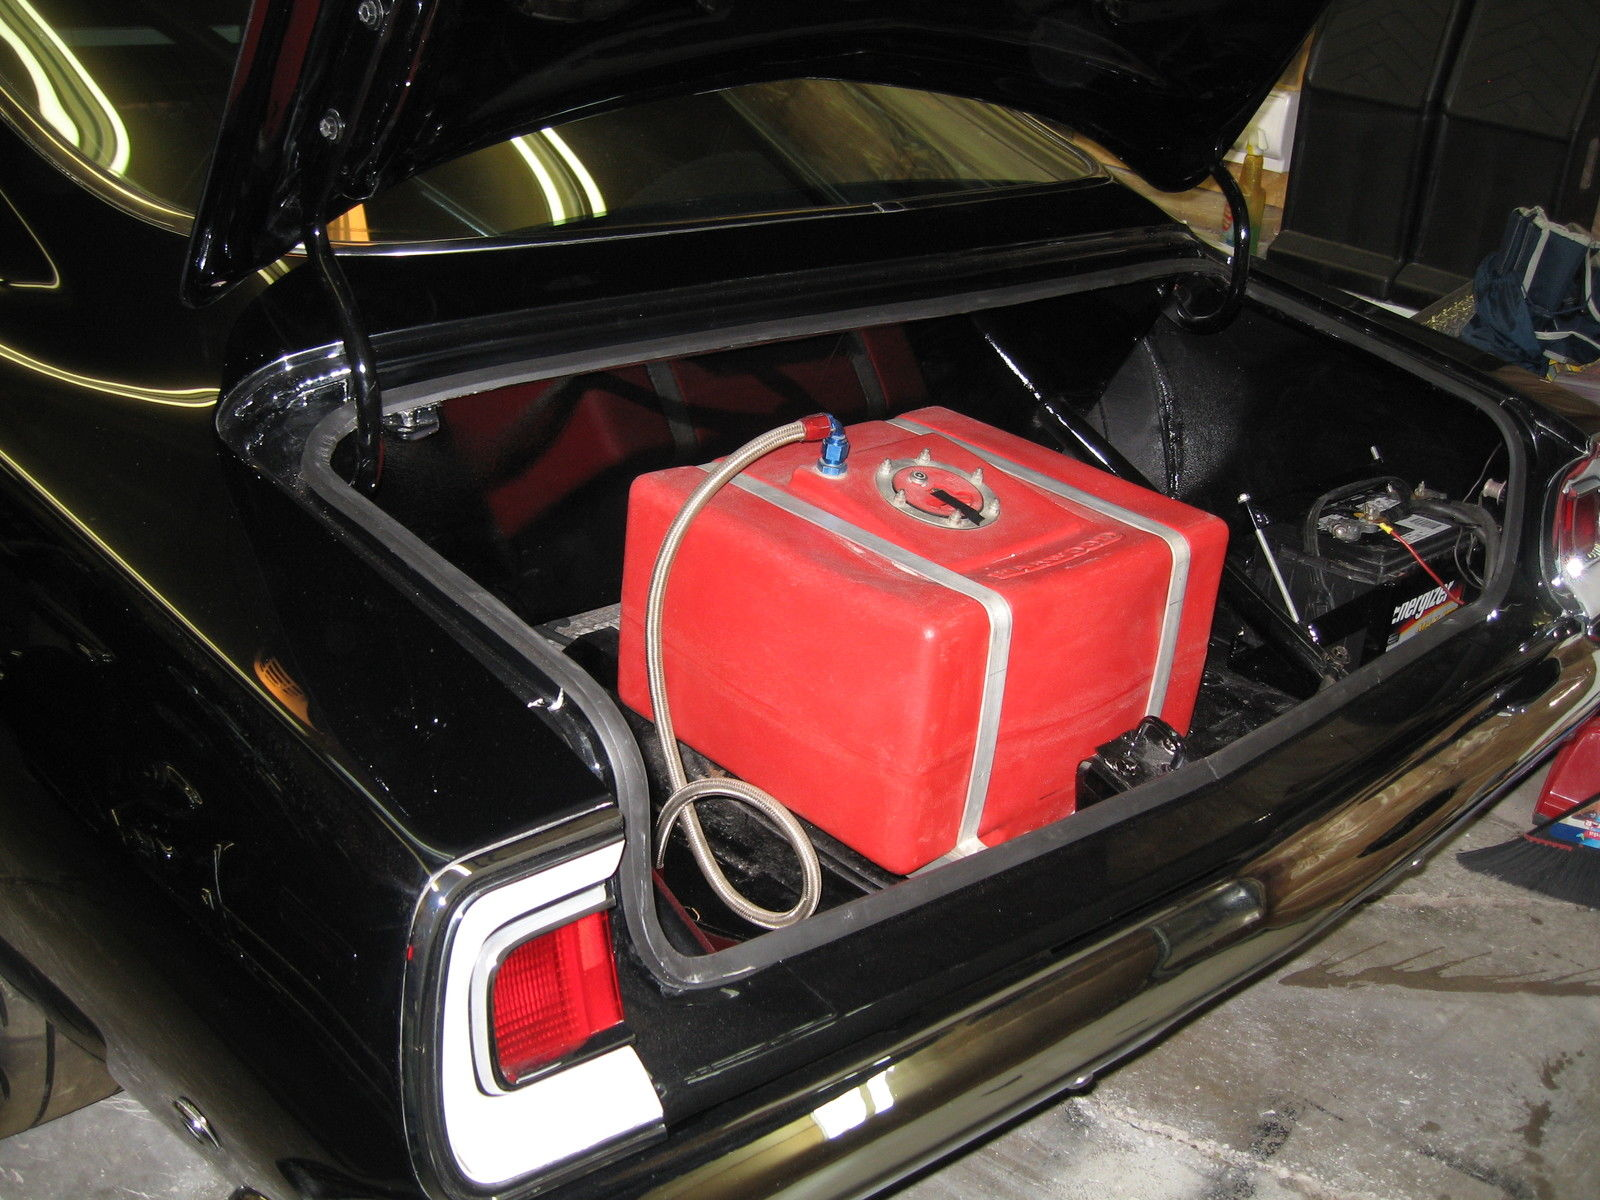 1968 Blown Hemi Plymouth Barracuda On Ebay Mopar Blog